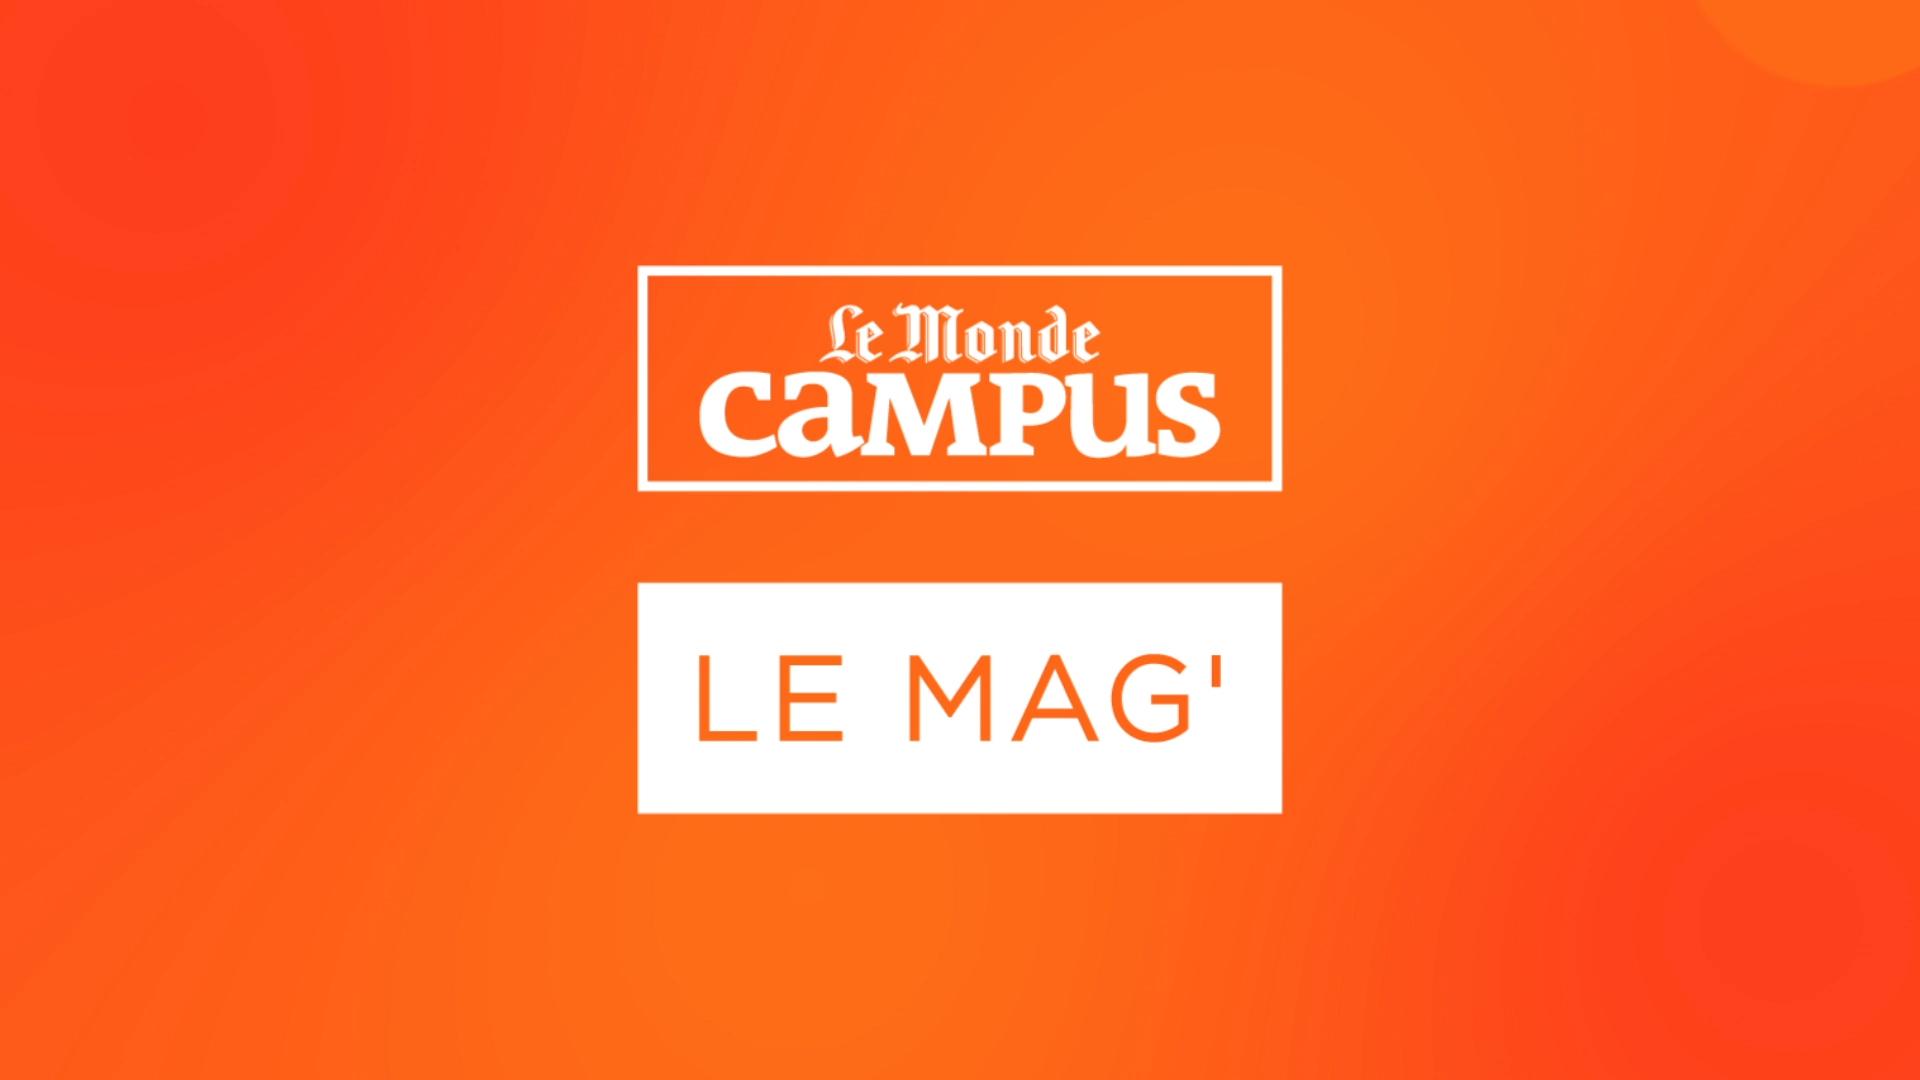 Image de l'emission Le Monde Campus